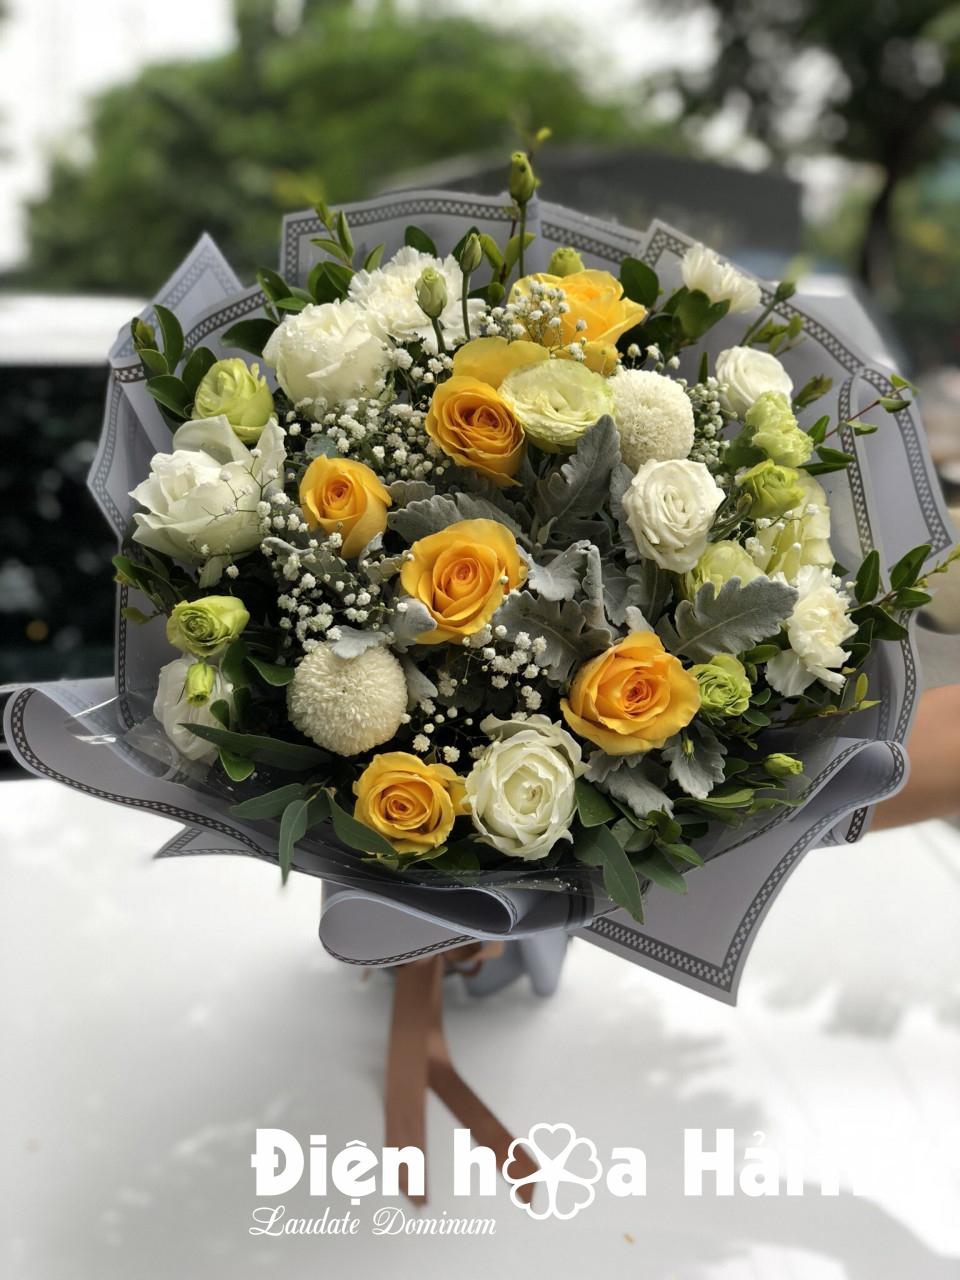 Bó hoa hồng tặng bạn